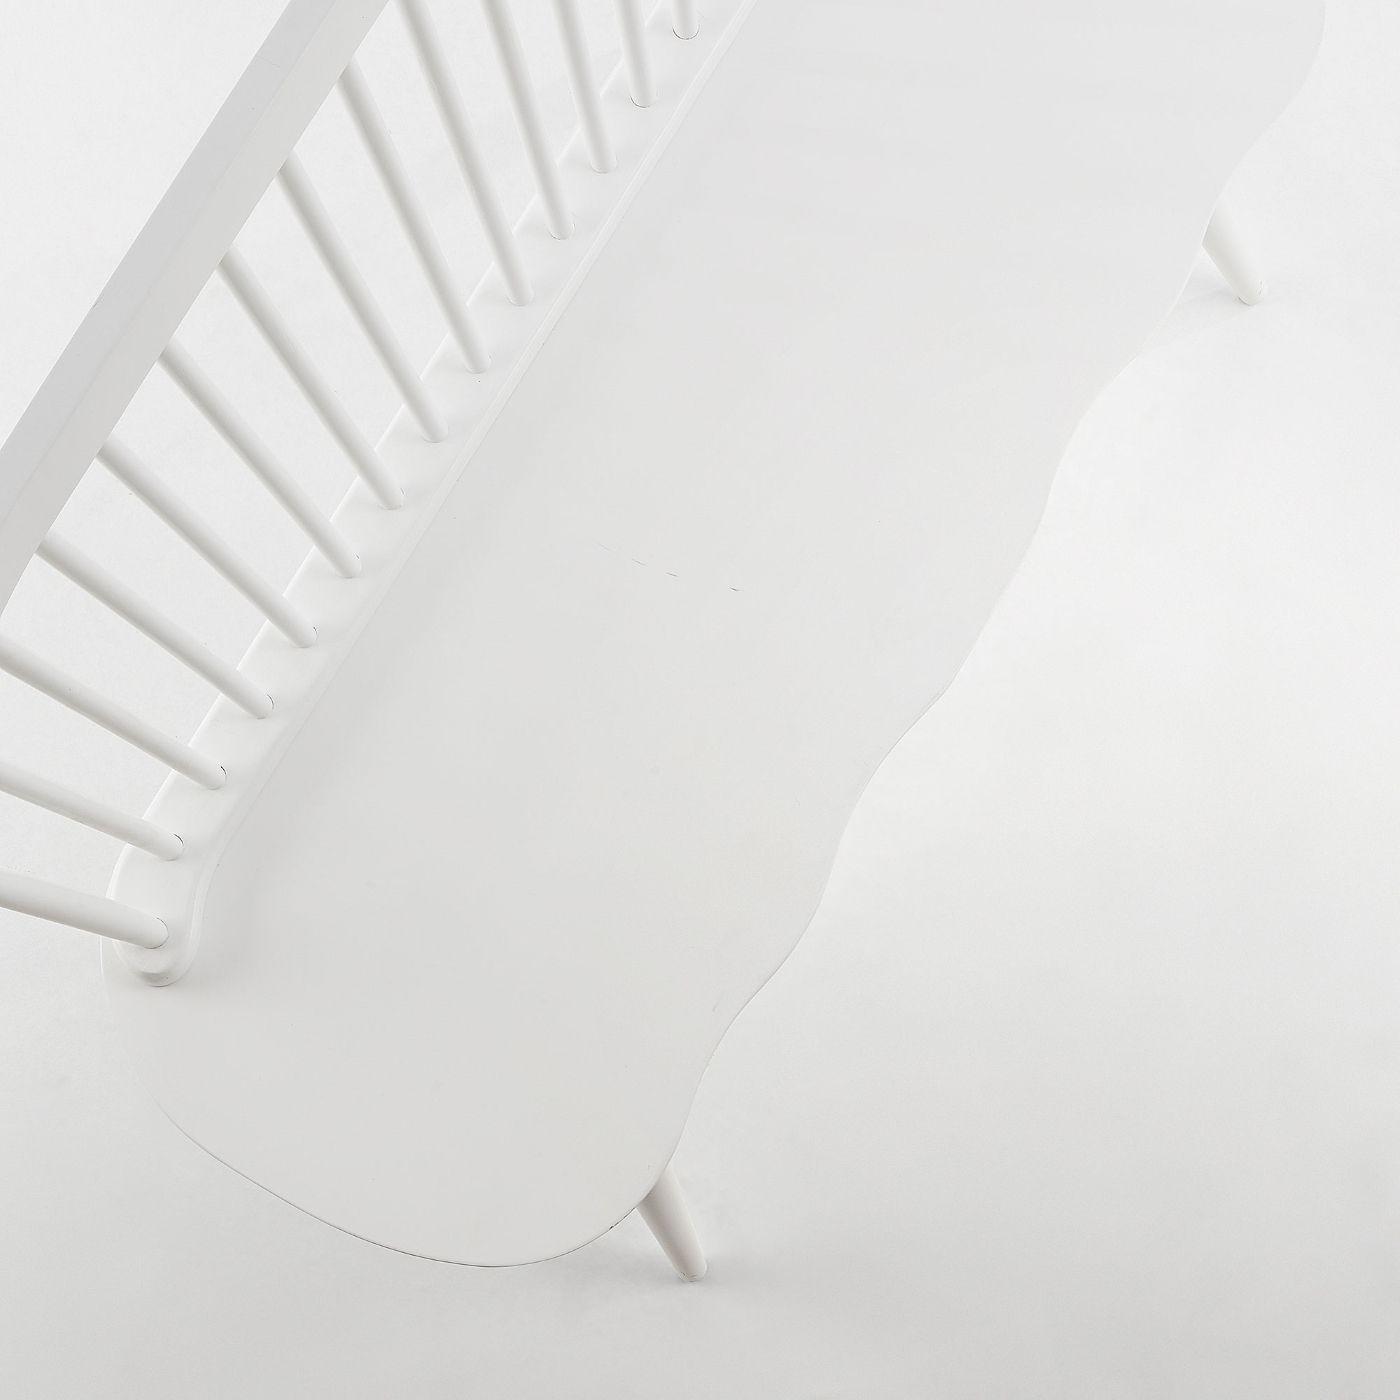 LaForma Slover Bænk 120 cm - Hvid